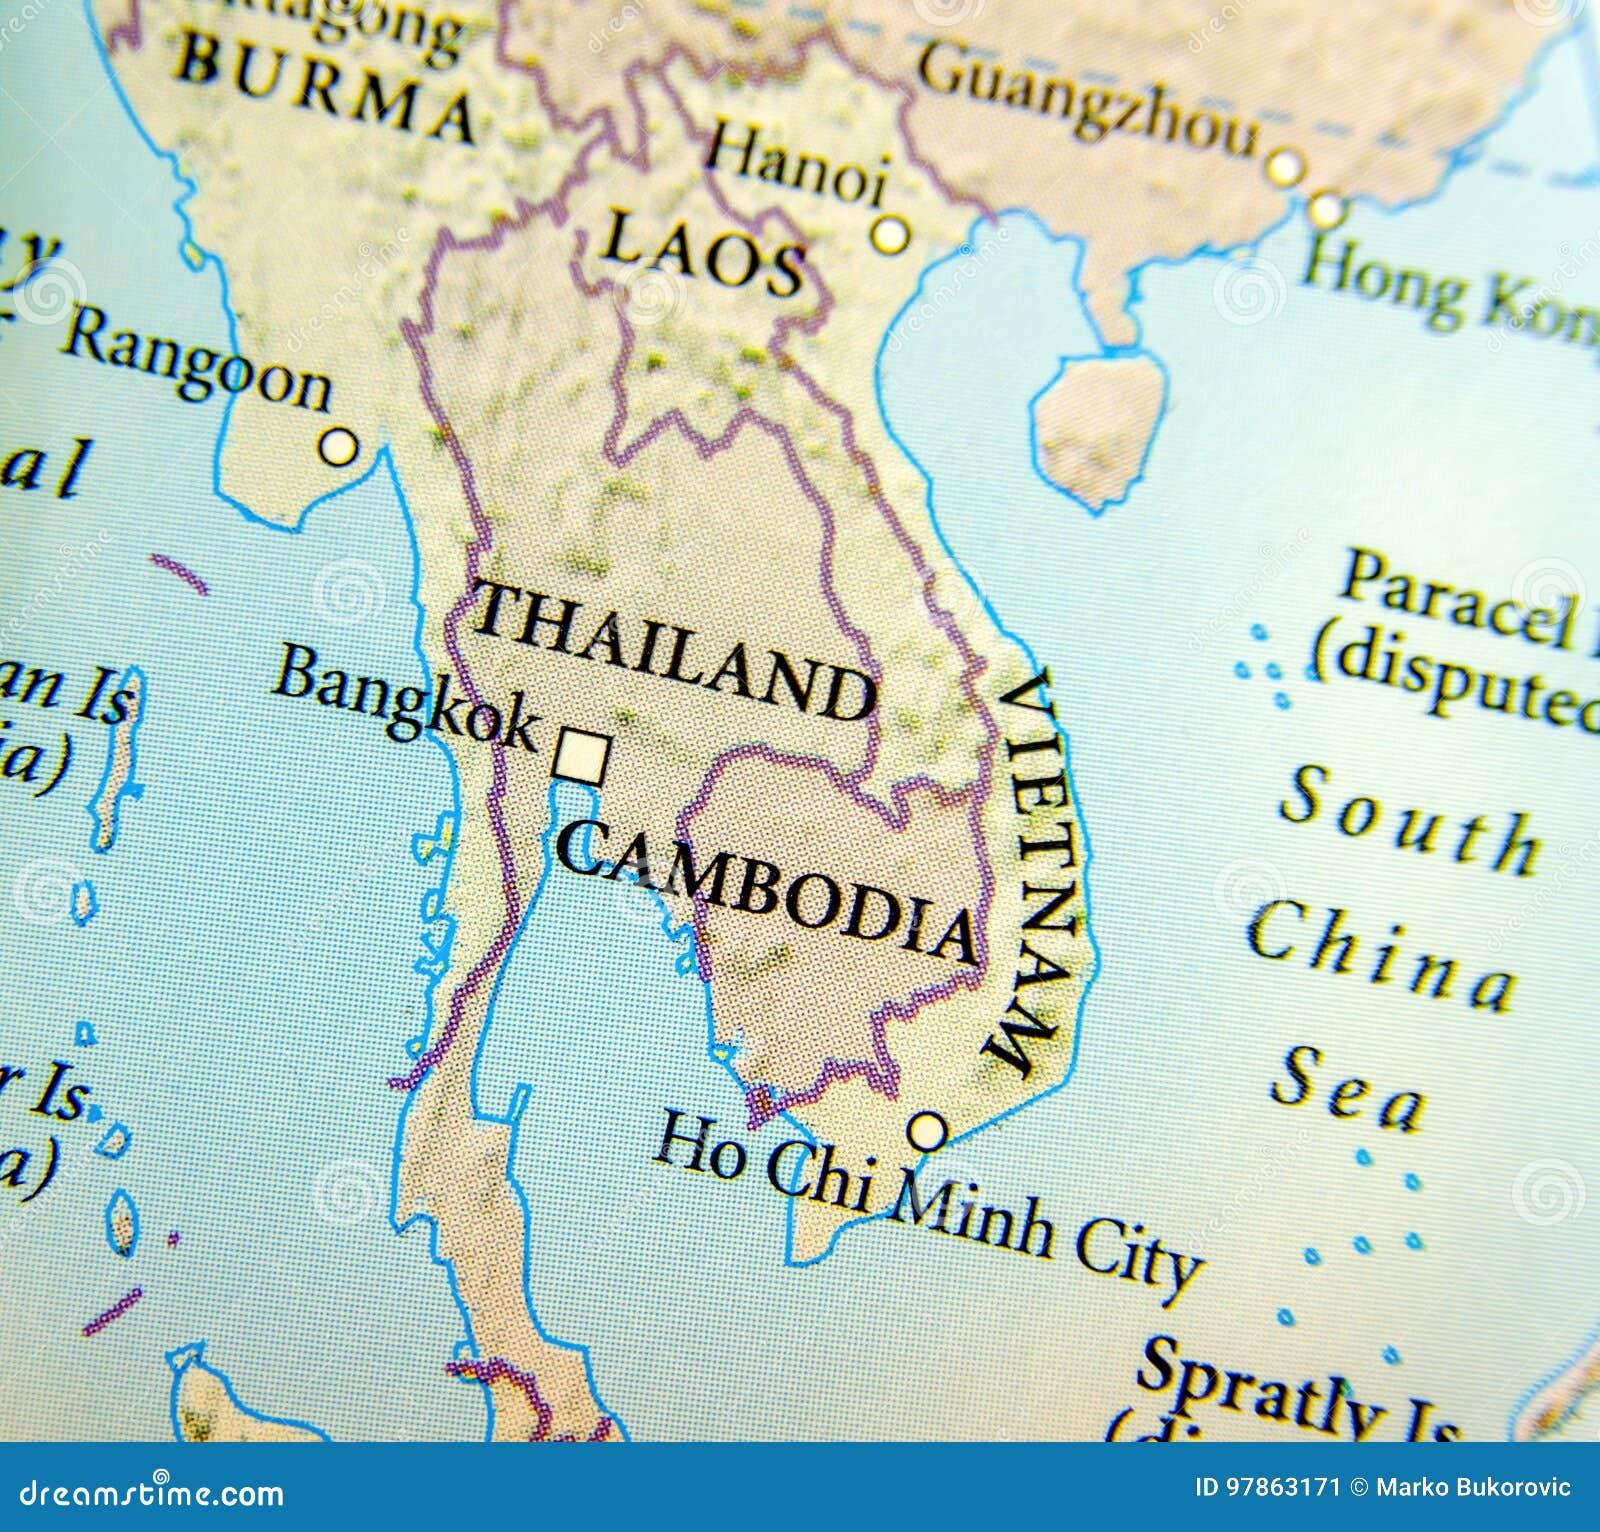 Tra Vietnam E Thailandia Cartina Geografica.Mappa Geografica Del Paese Della Tailandia Della Birmania Della Cambogia Del Vietnam E Del Laos Con Le Citta Importanti Immagine Stock Immagine Di Tracciato Importante 97863171